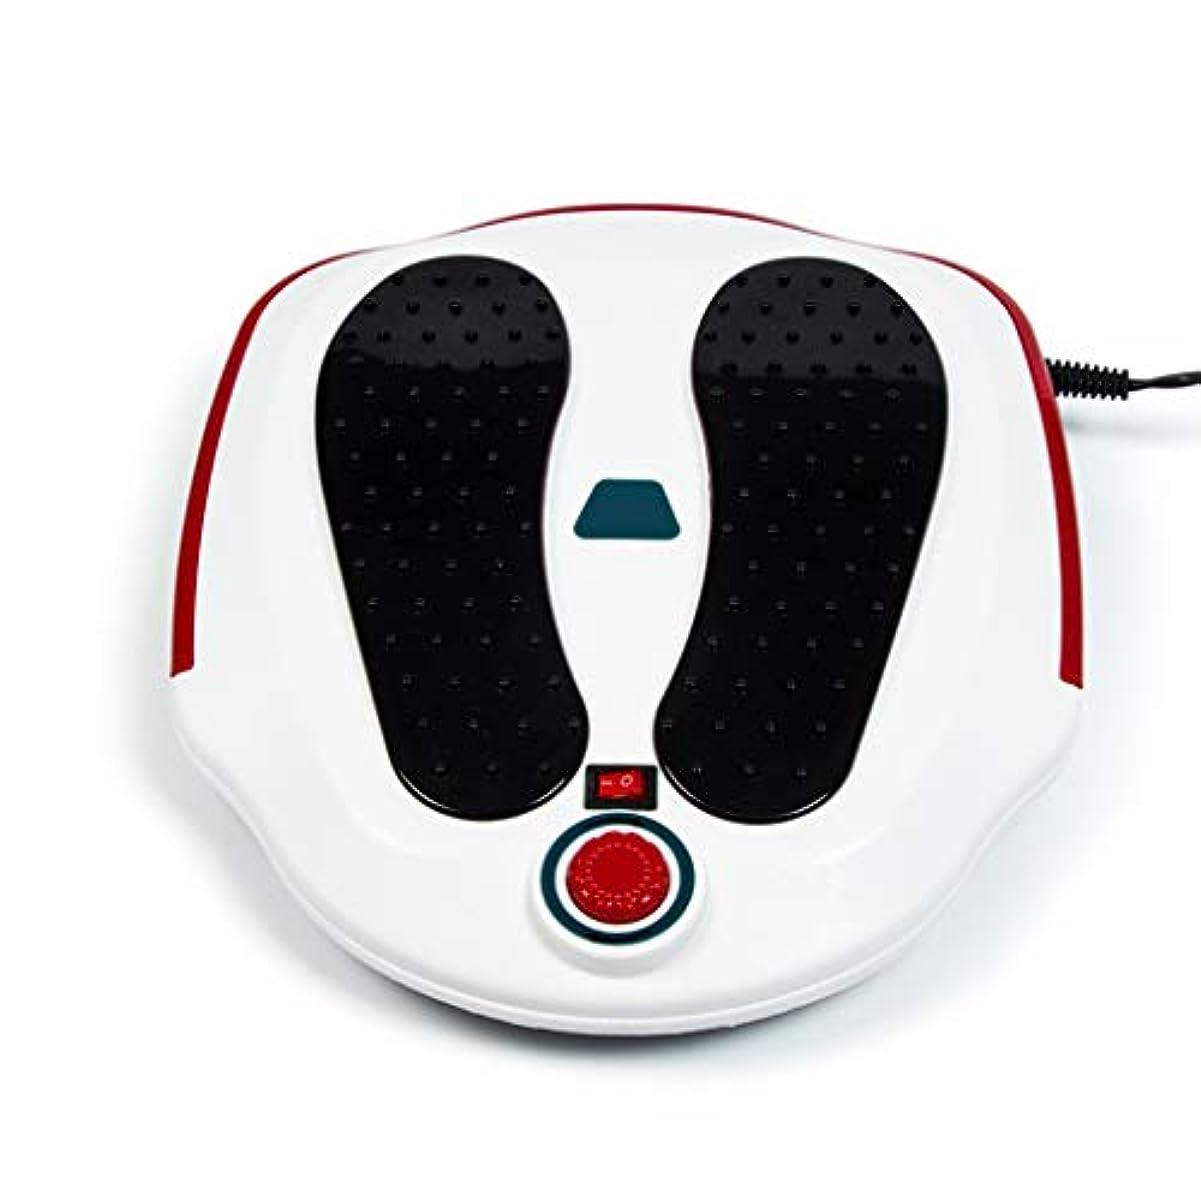 航空いつコンパクト電気フットマッサージャーマシン足の循環装置、ふくらはぎの足の血液循環のための治療装置をリラックスし、足底マシン(ホワイト)